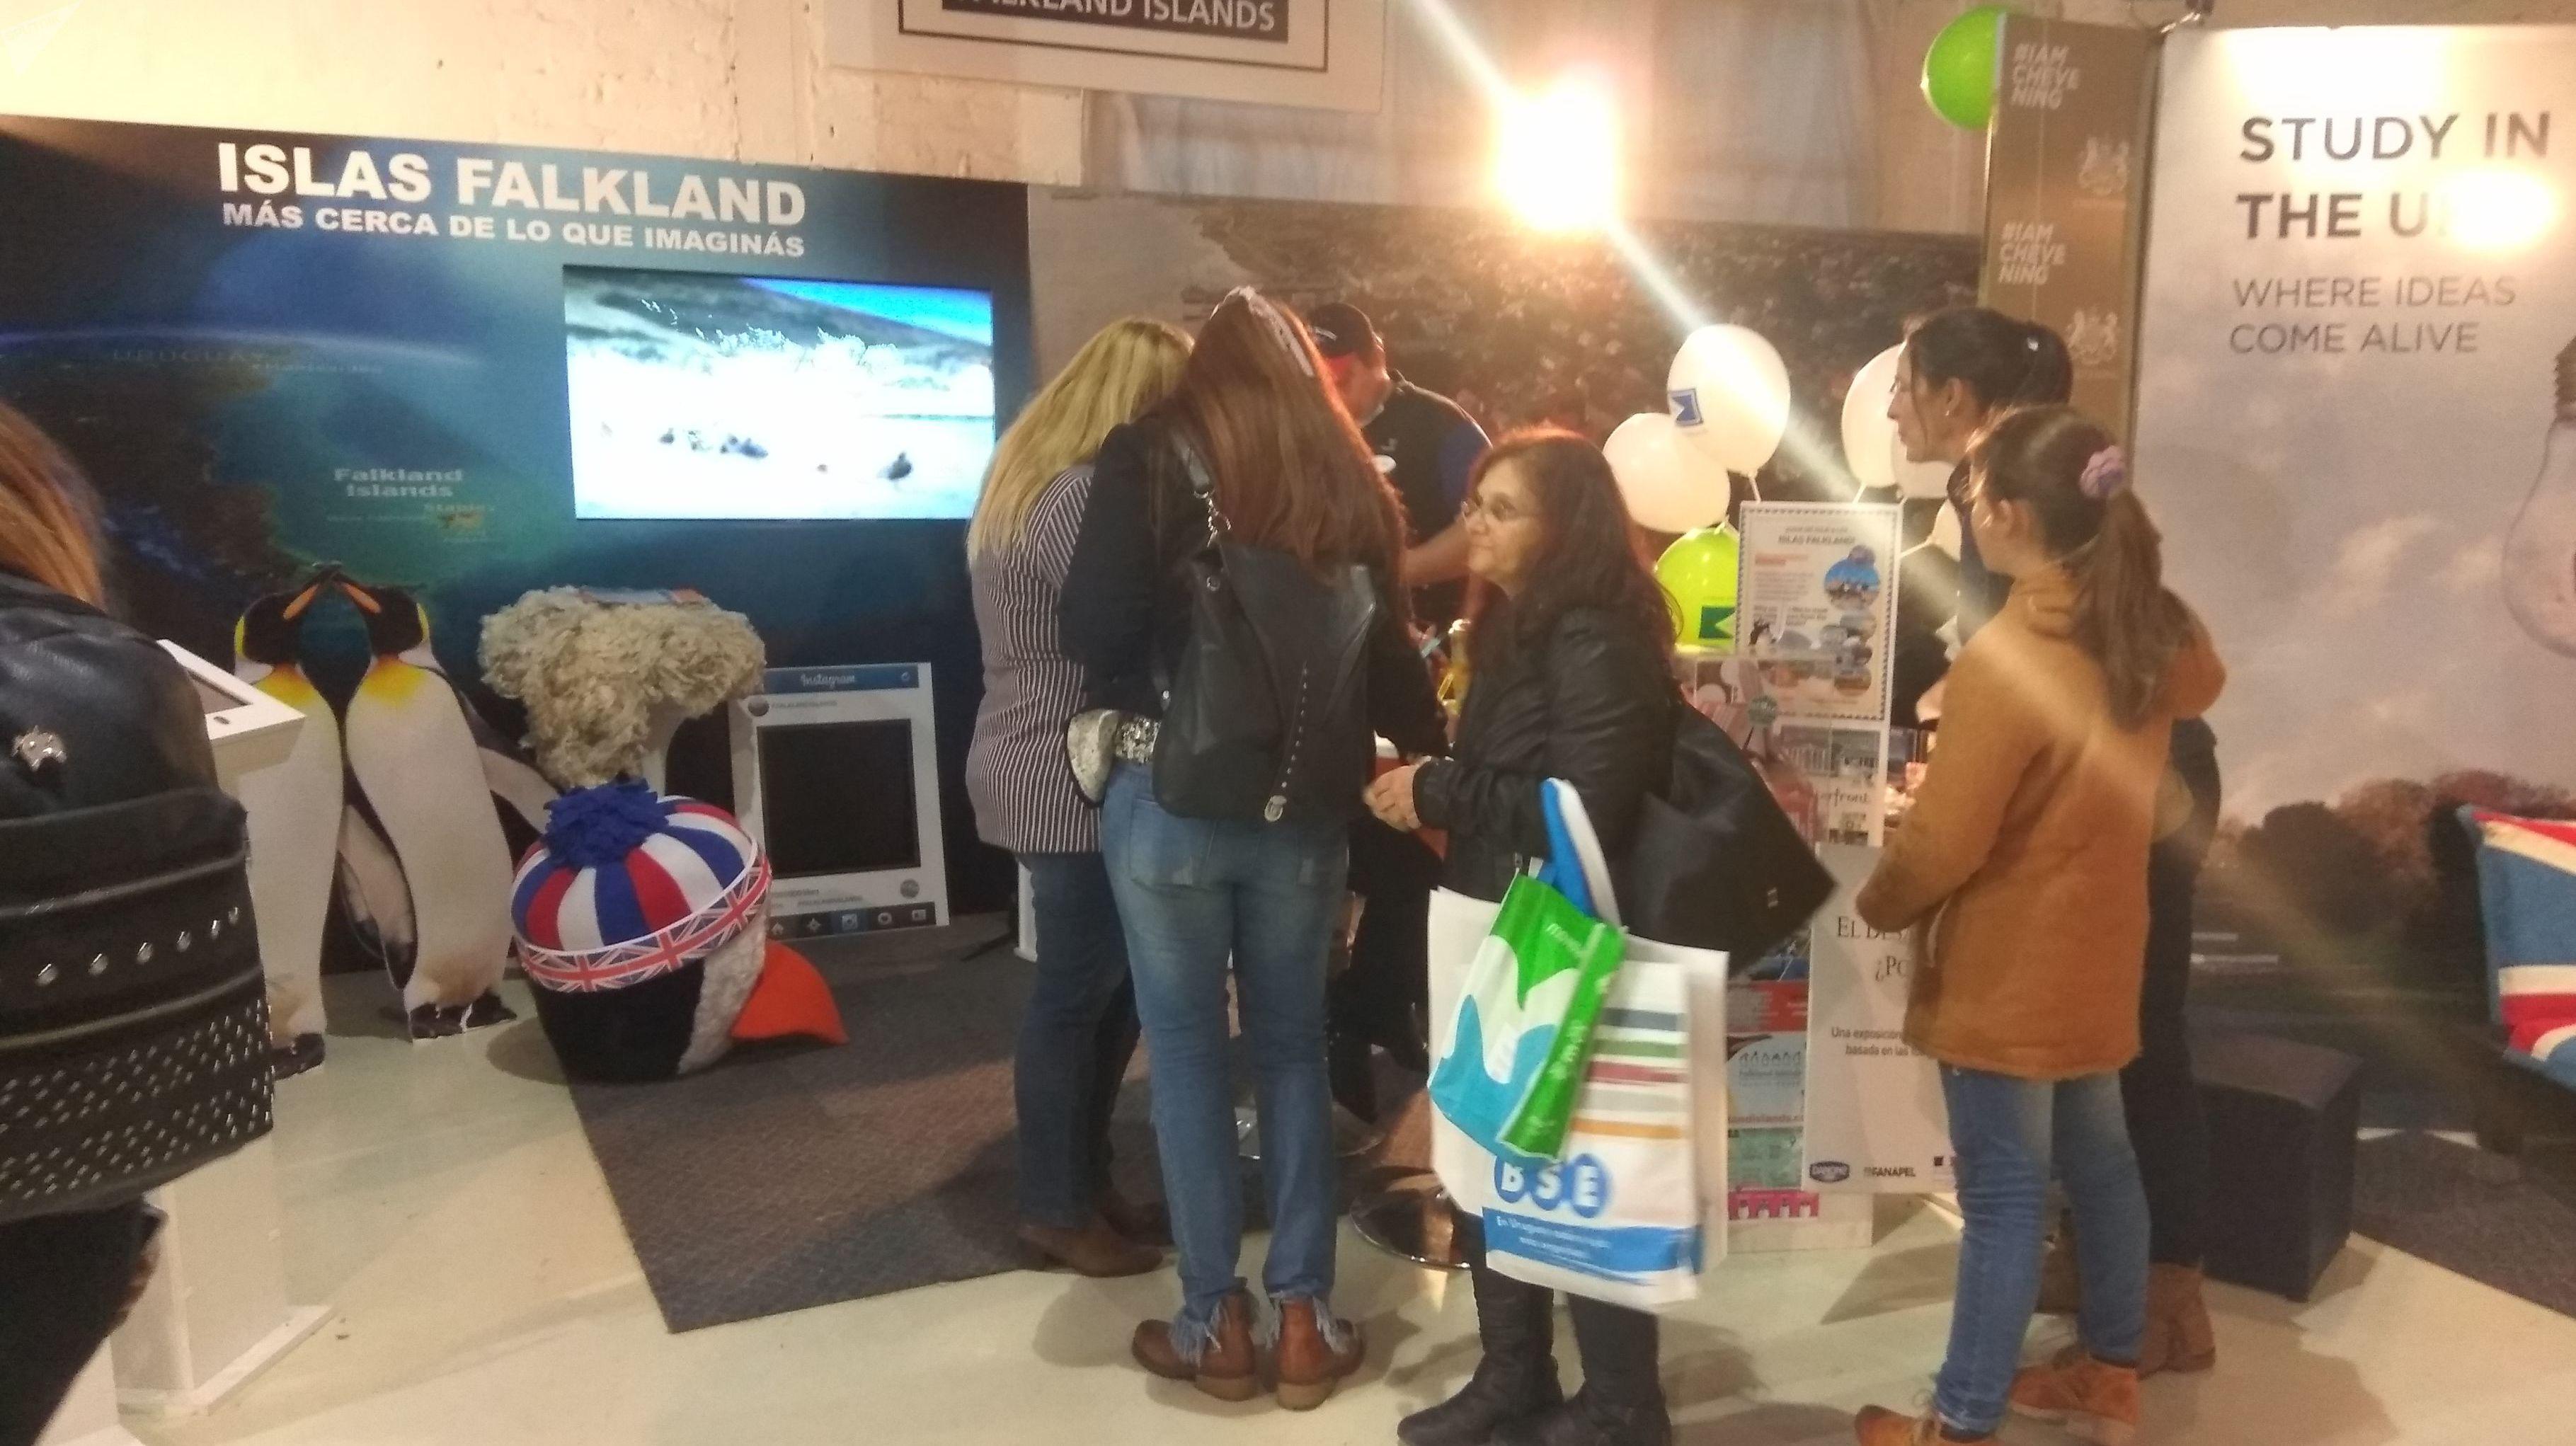 Visitantes consultan material informativo en el stand de la Islas Falkland en la Expoprado 2019 en Montevideo, Uruguay